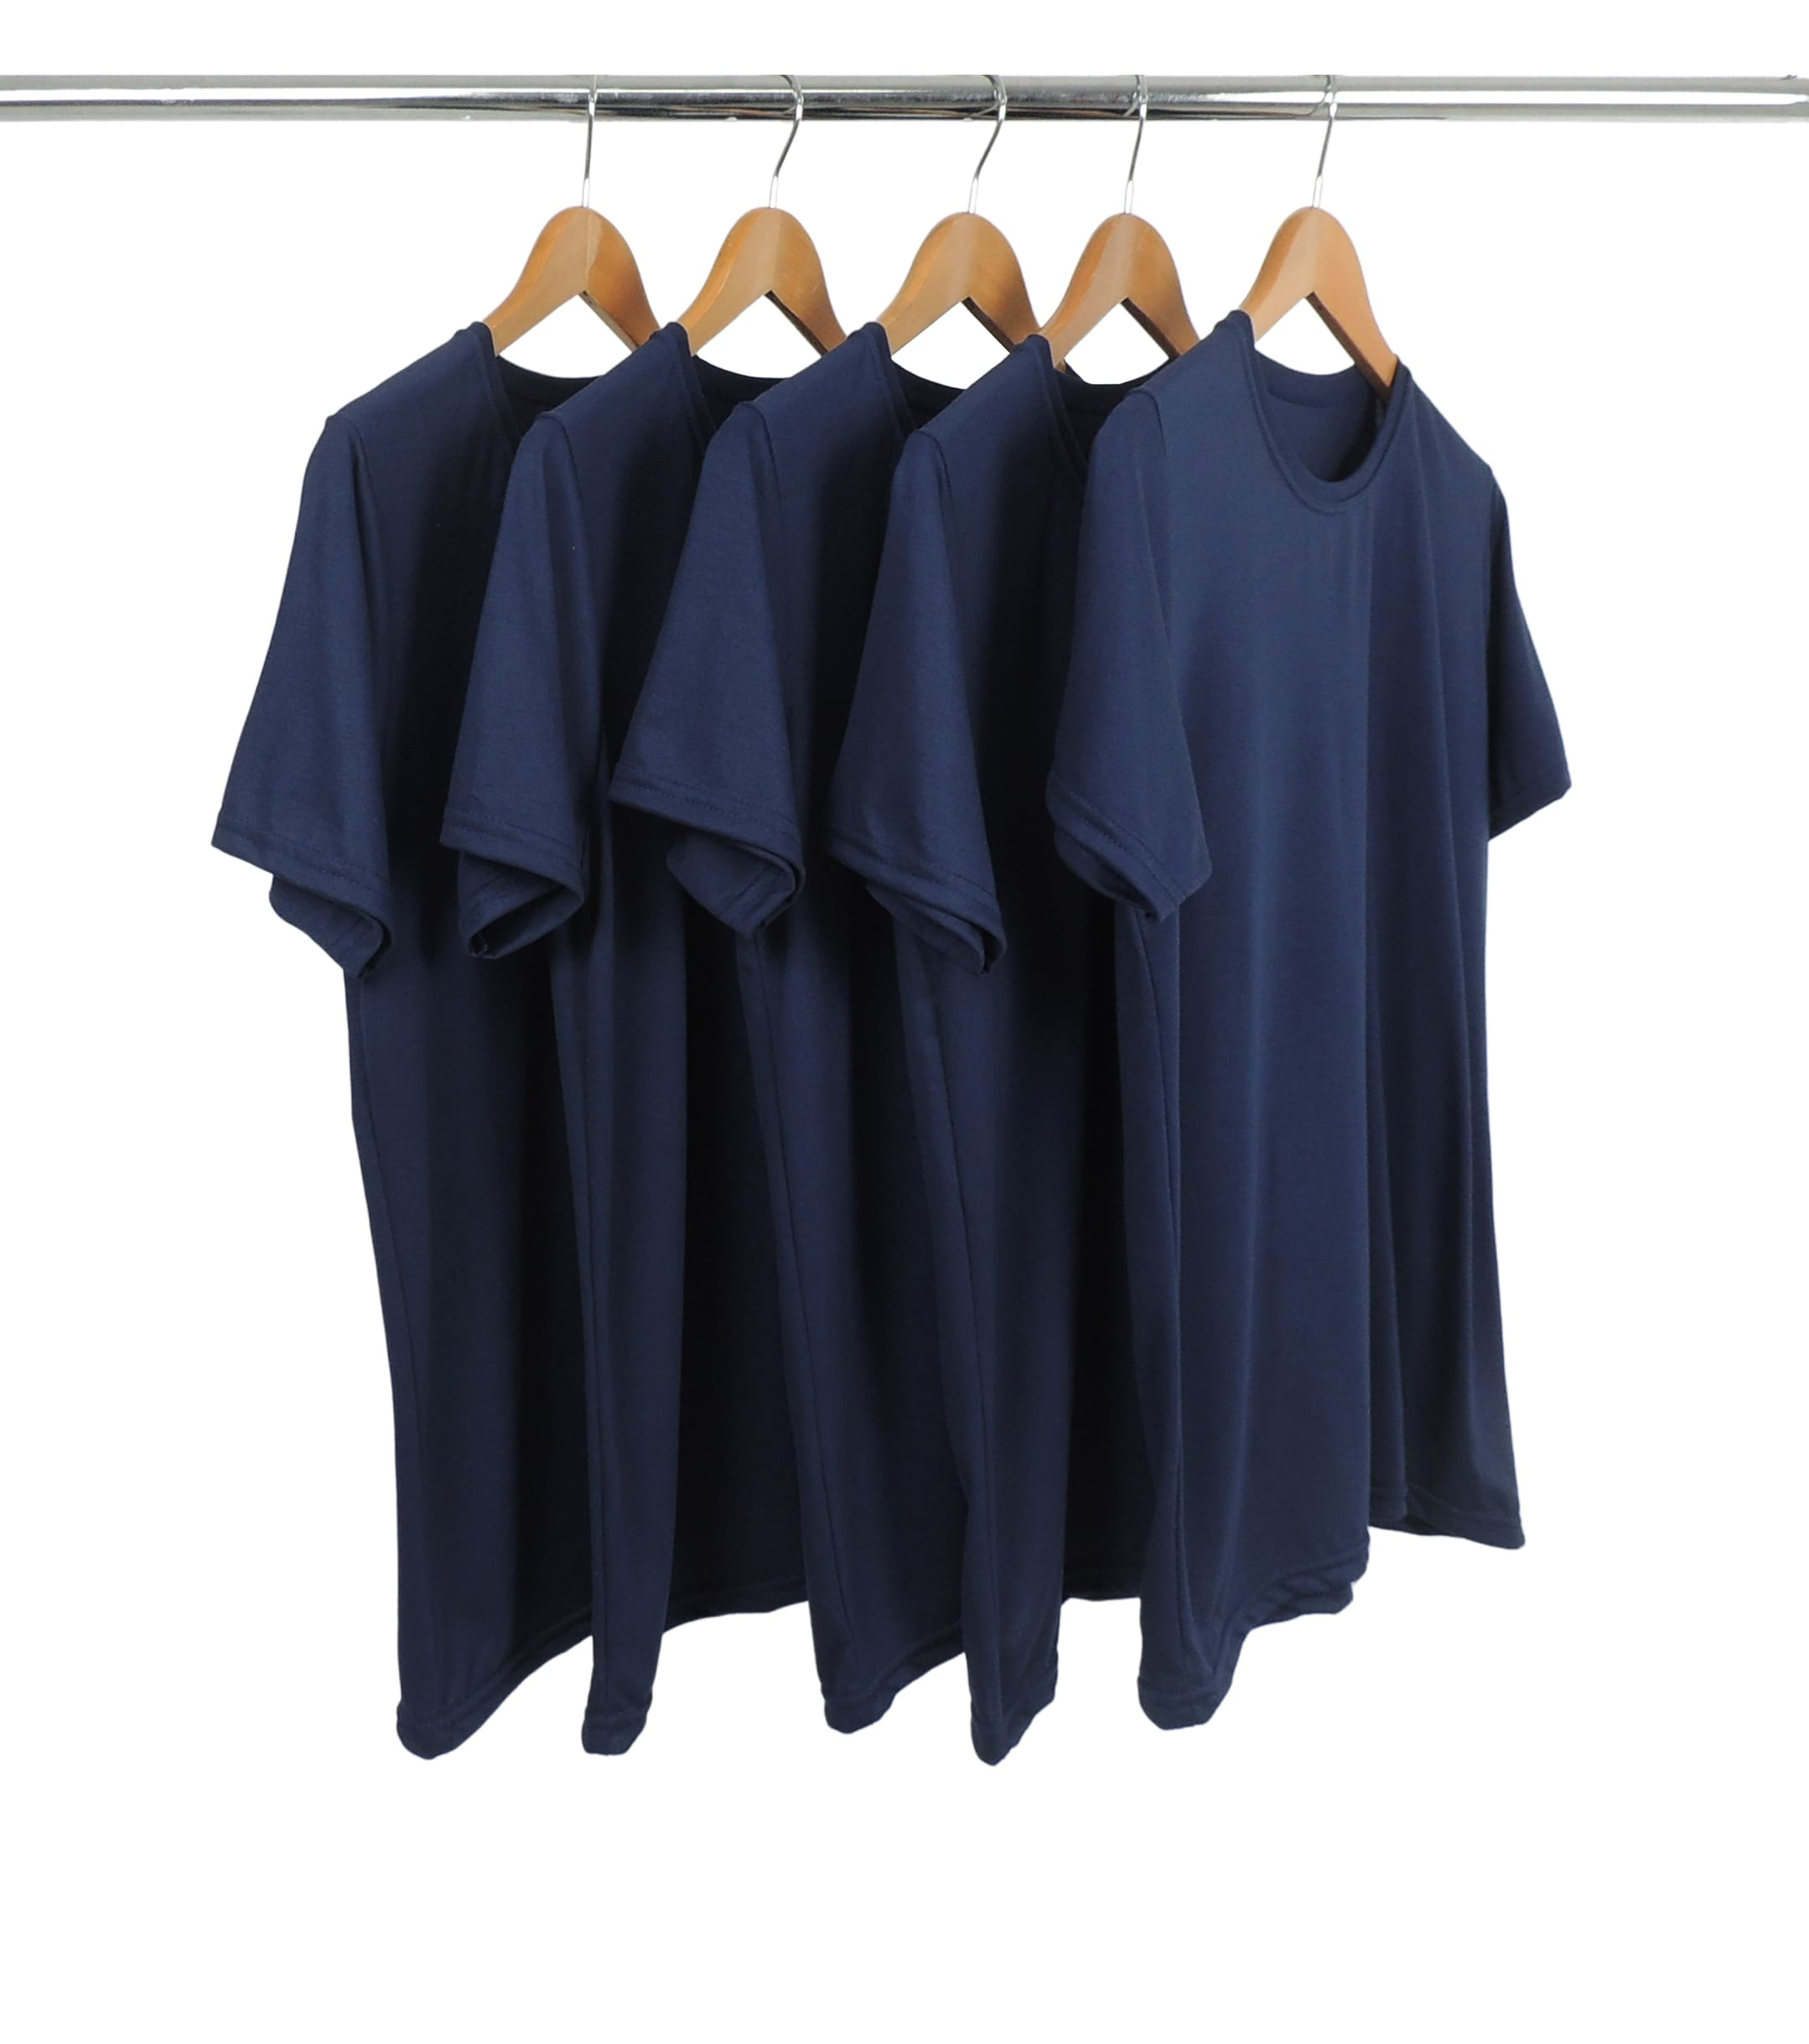 5 PEÇAS - Camiseta PV / Malha Fria Azul Marinho